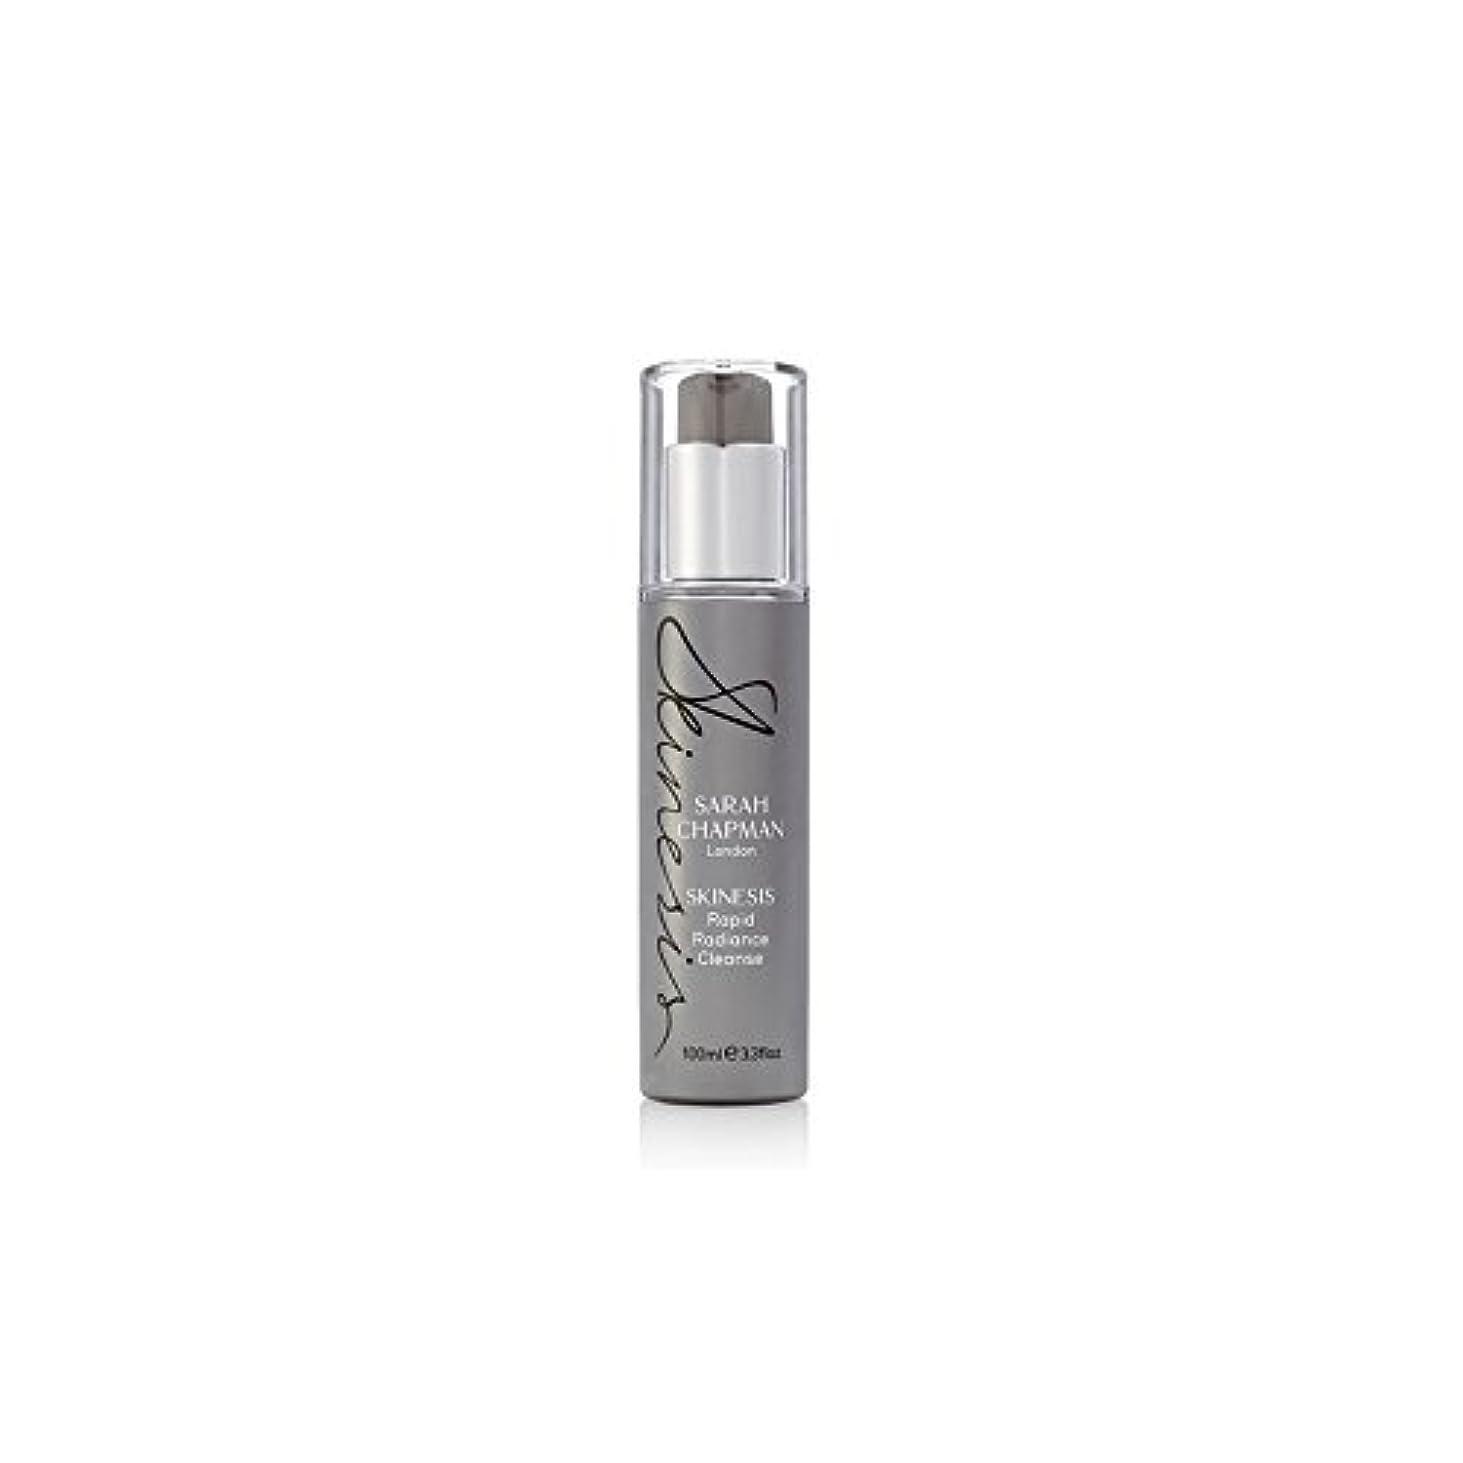 ビーチクアッガマグSarah Chapman Skinesis Rapid Radiance Cleanse (100ml) - サラ?チャップマン迅速な輝きの浄化(100ミリリットル) [並行輸入品]